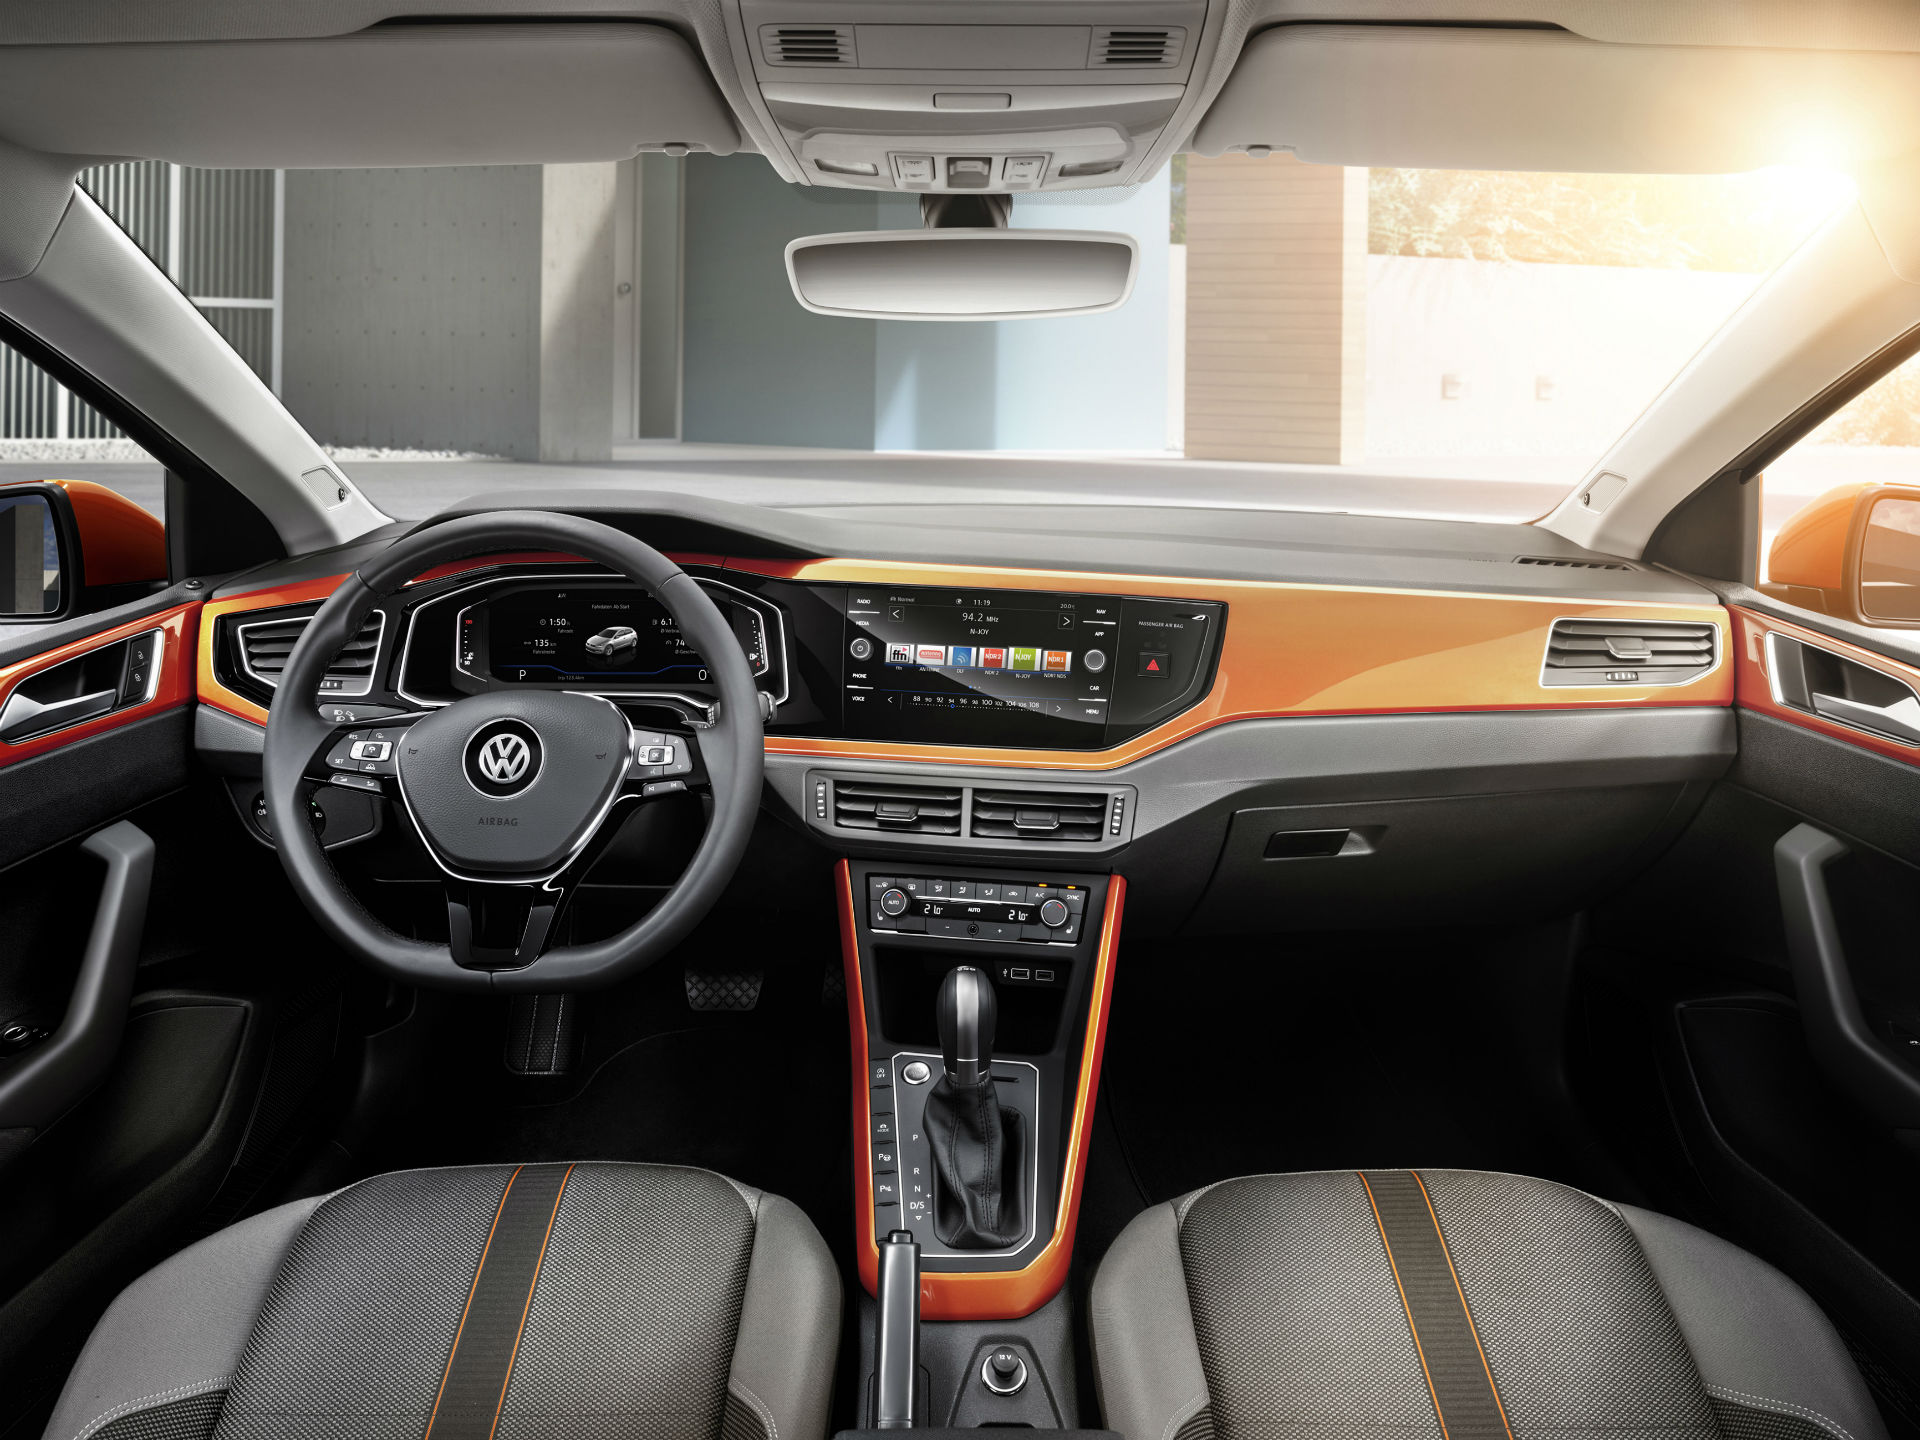 Esta nueva generación, contará ademas con conectividad acorde a las inéditas tendencias; incorporará Android Auto y Apple CarPlay. Fotografía Volkswagen